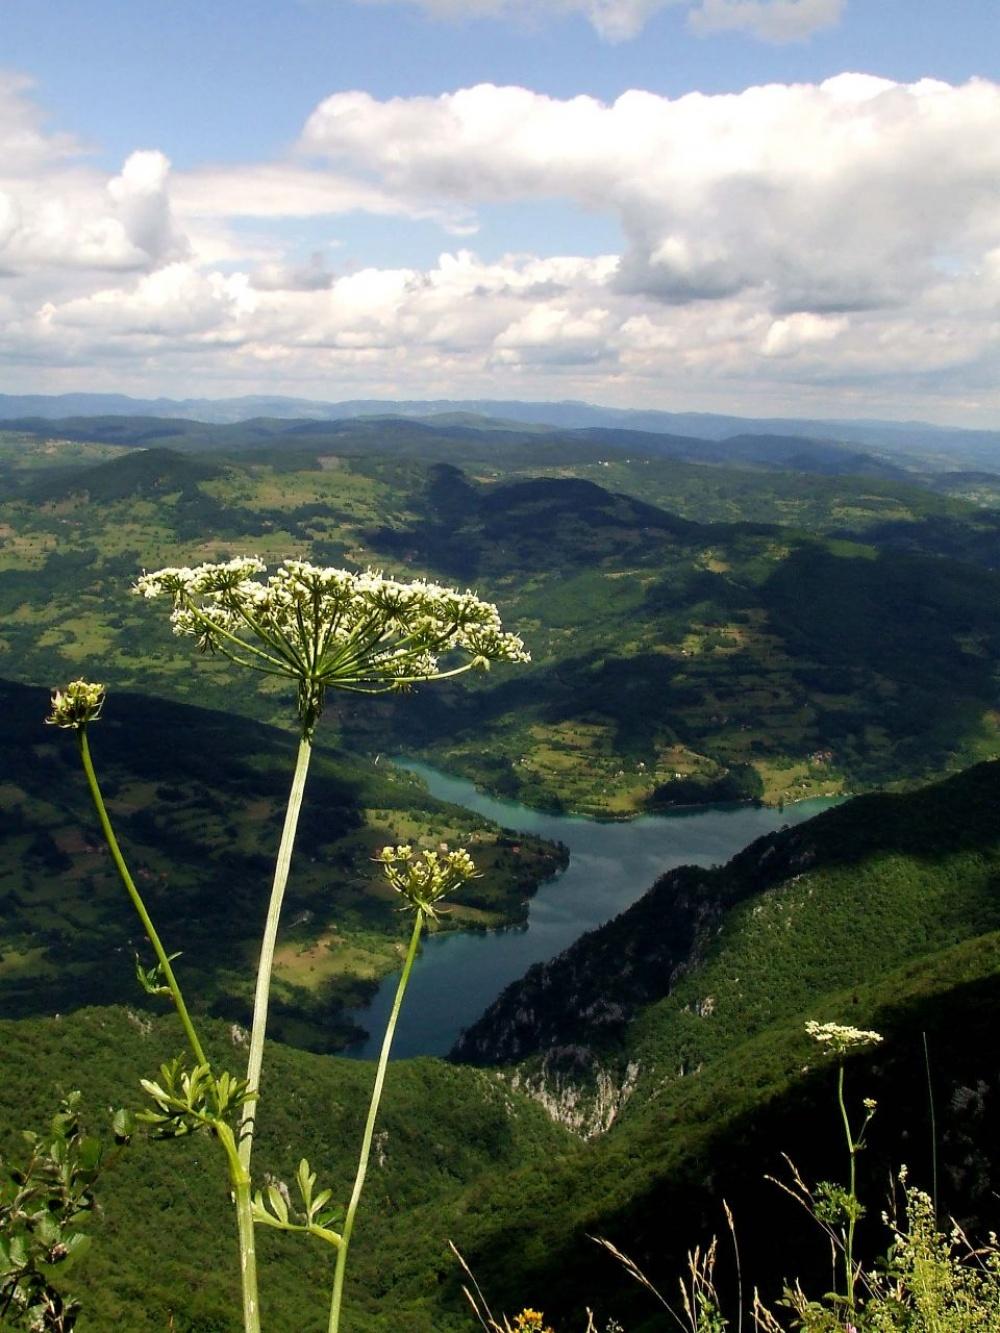 Каньону реки Тара равных вЕвропе нет. Протяженность ущелья сглубиной до1300 метров составляет 80